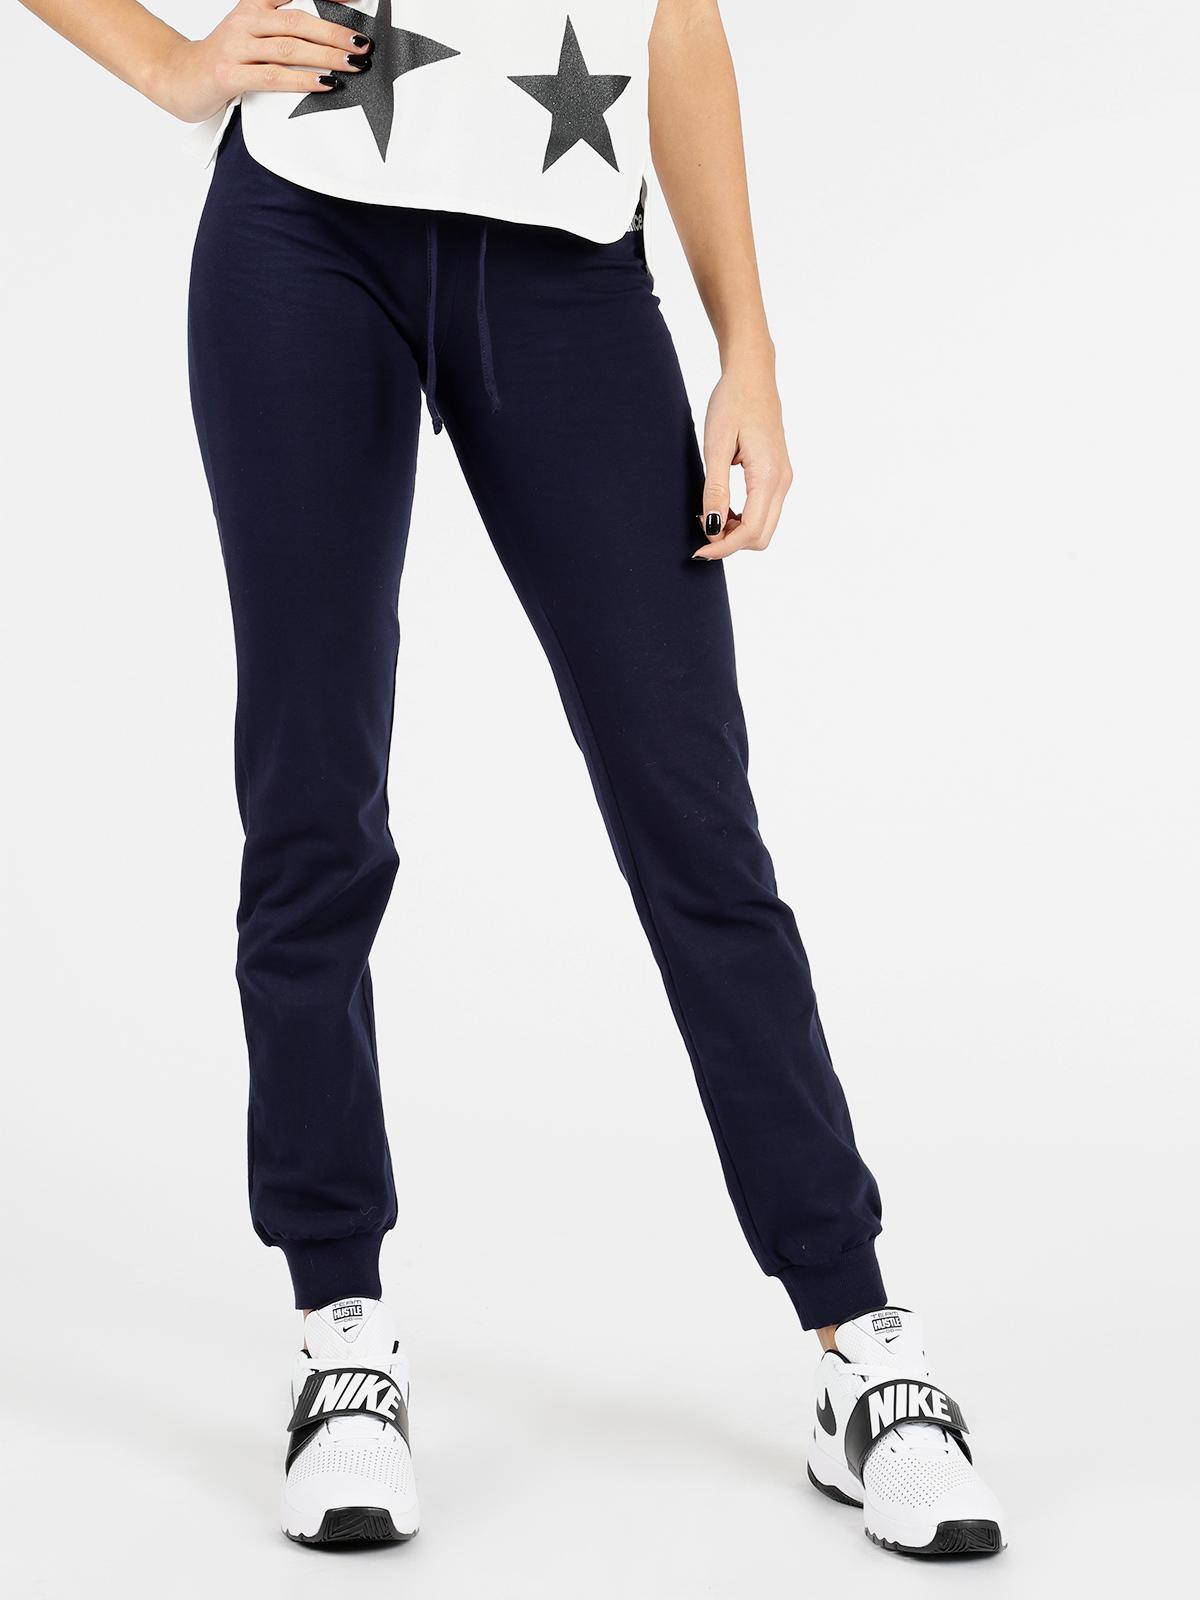 offerta speciale prezzo folle catturare Pantaloni fitness con polsini dance | MecShopping